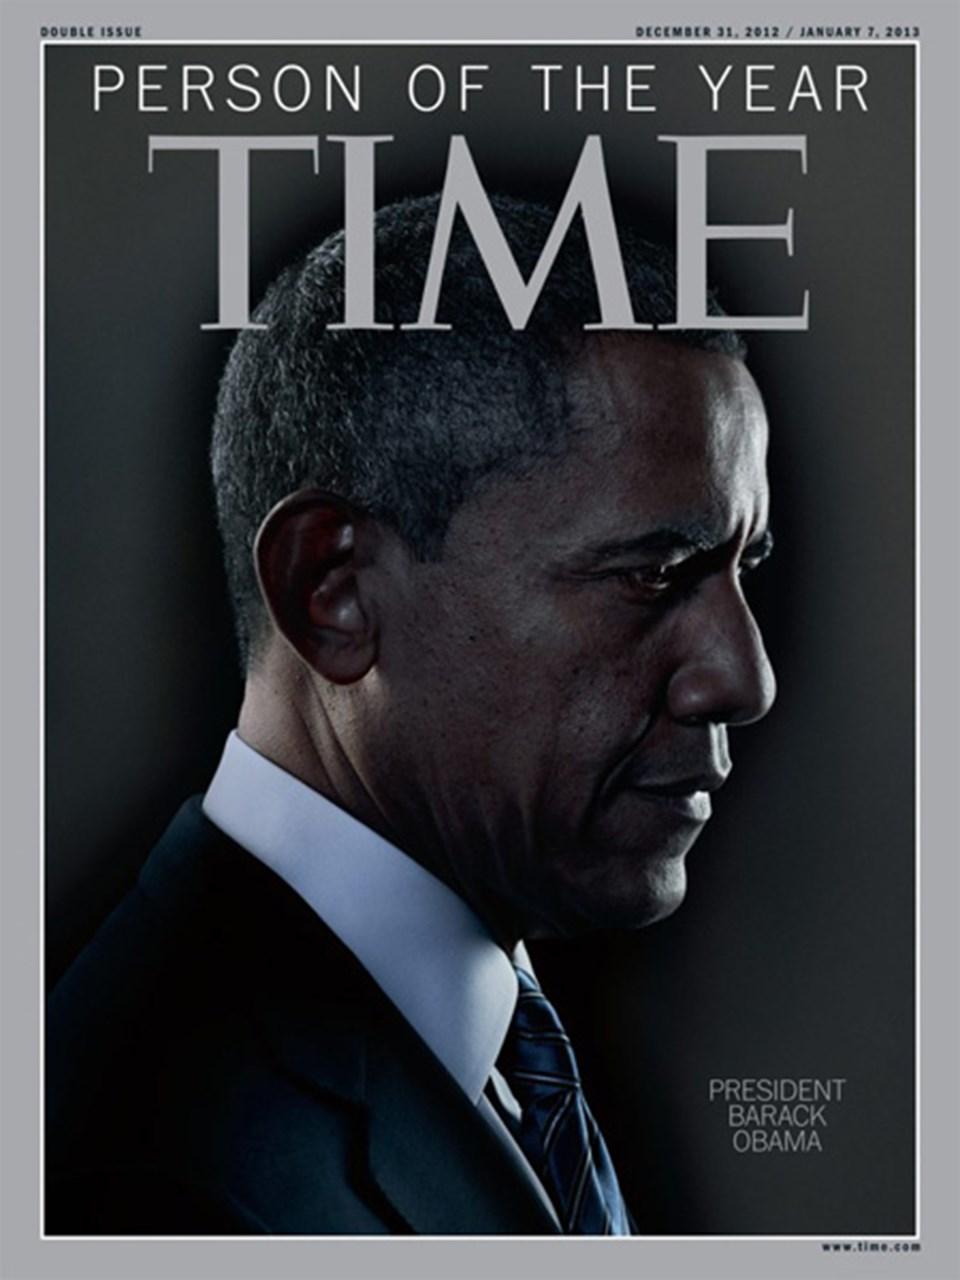 """Dünyaca ünlü Time dergisi, """"Yılın Kişisi"""" olarak seçtiğiBarack Obama için bu kapağı hazırladı."""